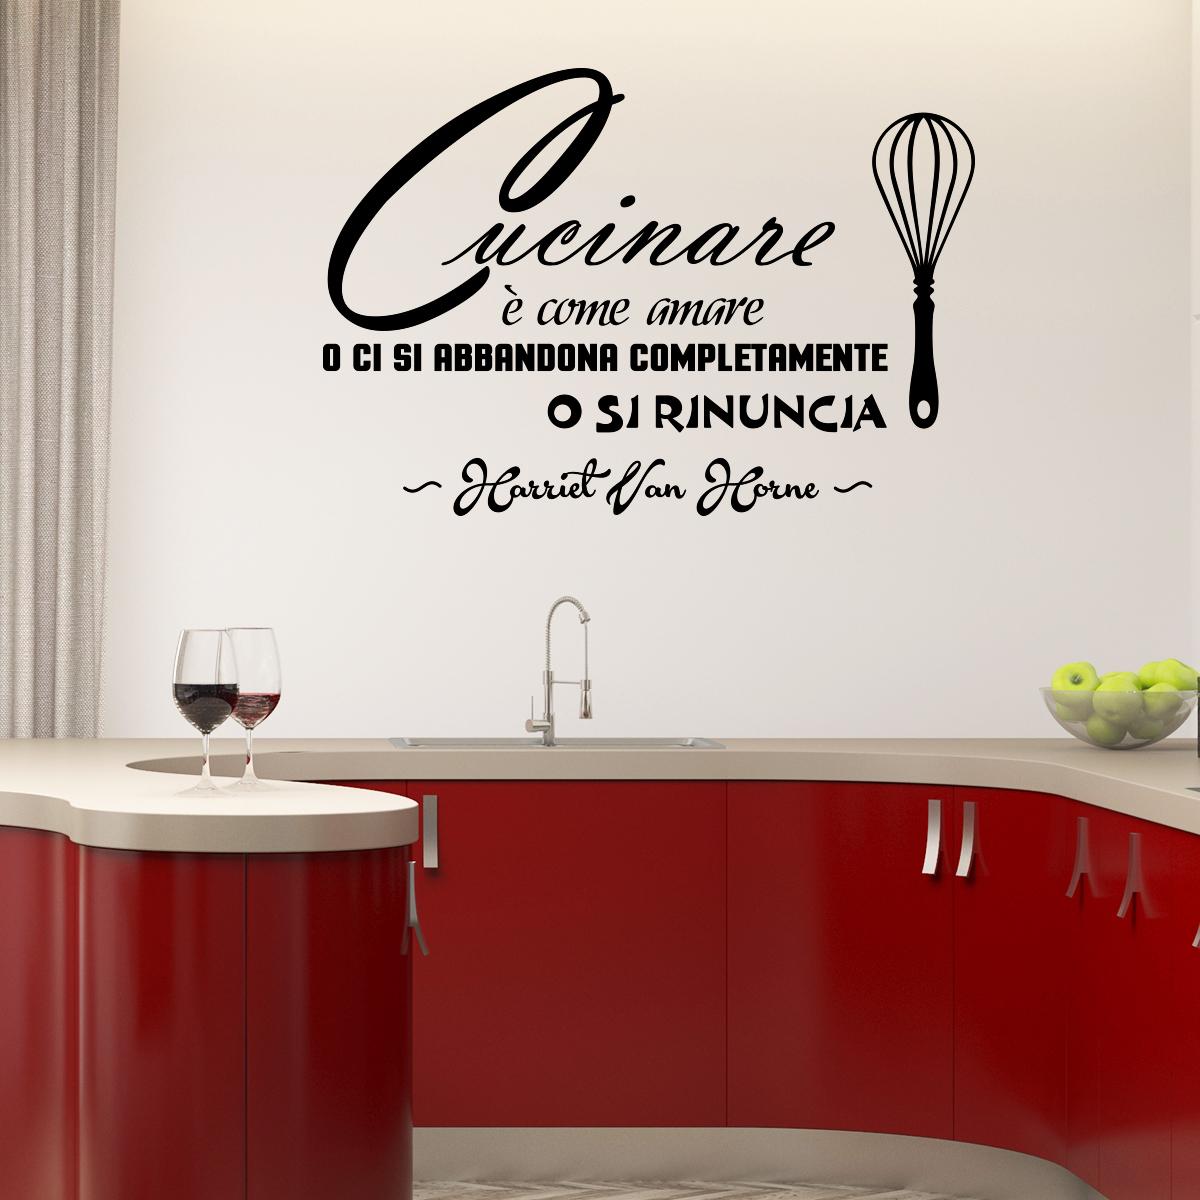 Sticker citation cucinare come amare stickers - Stickers cuisine citation ...